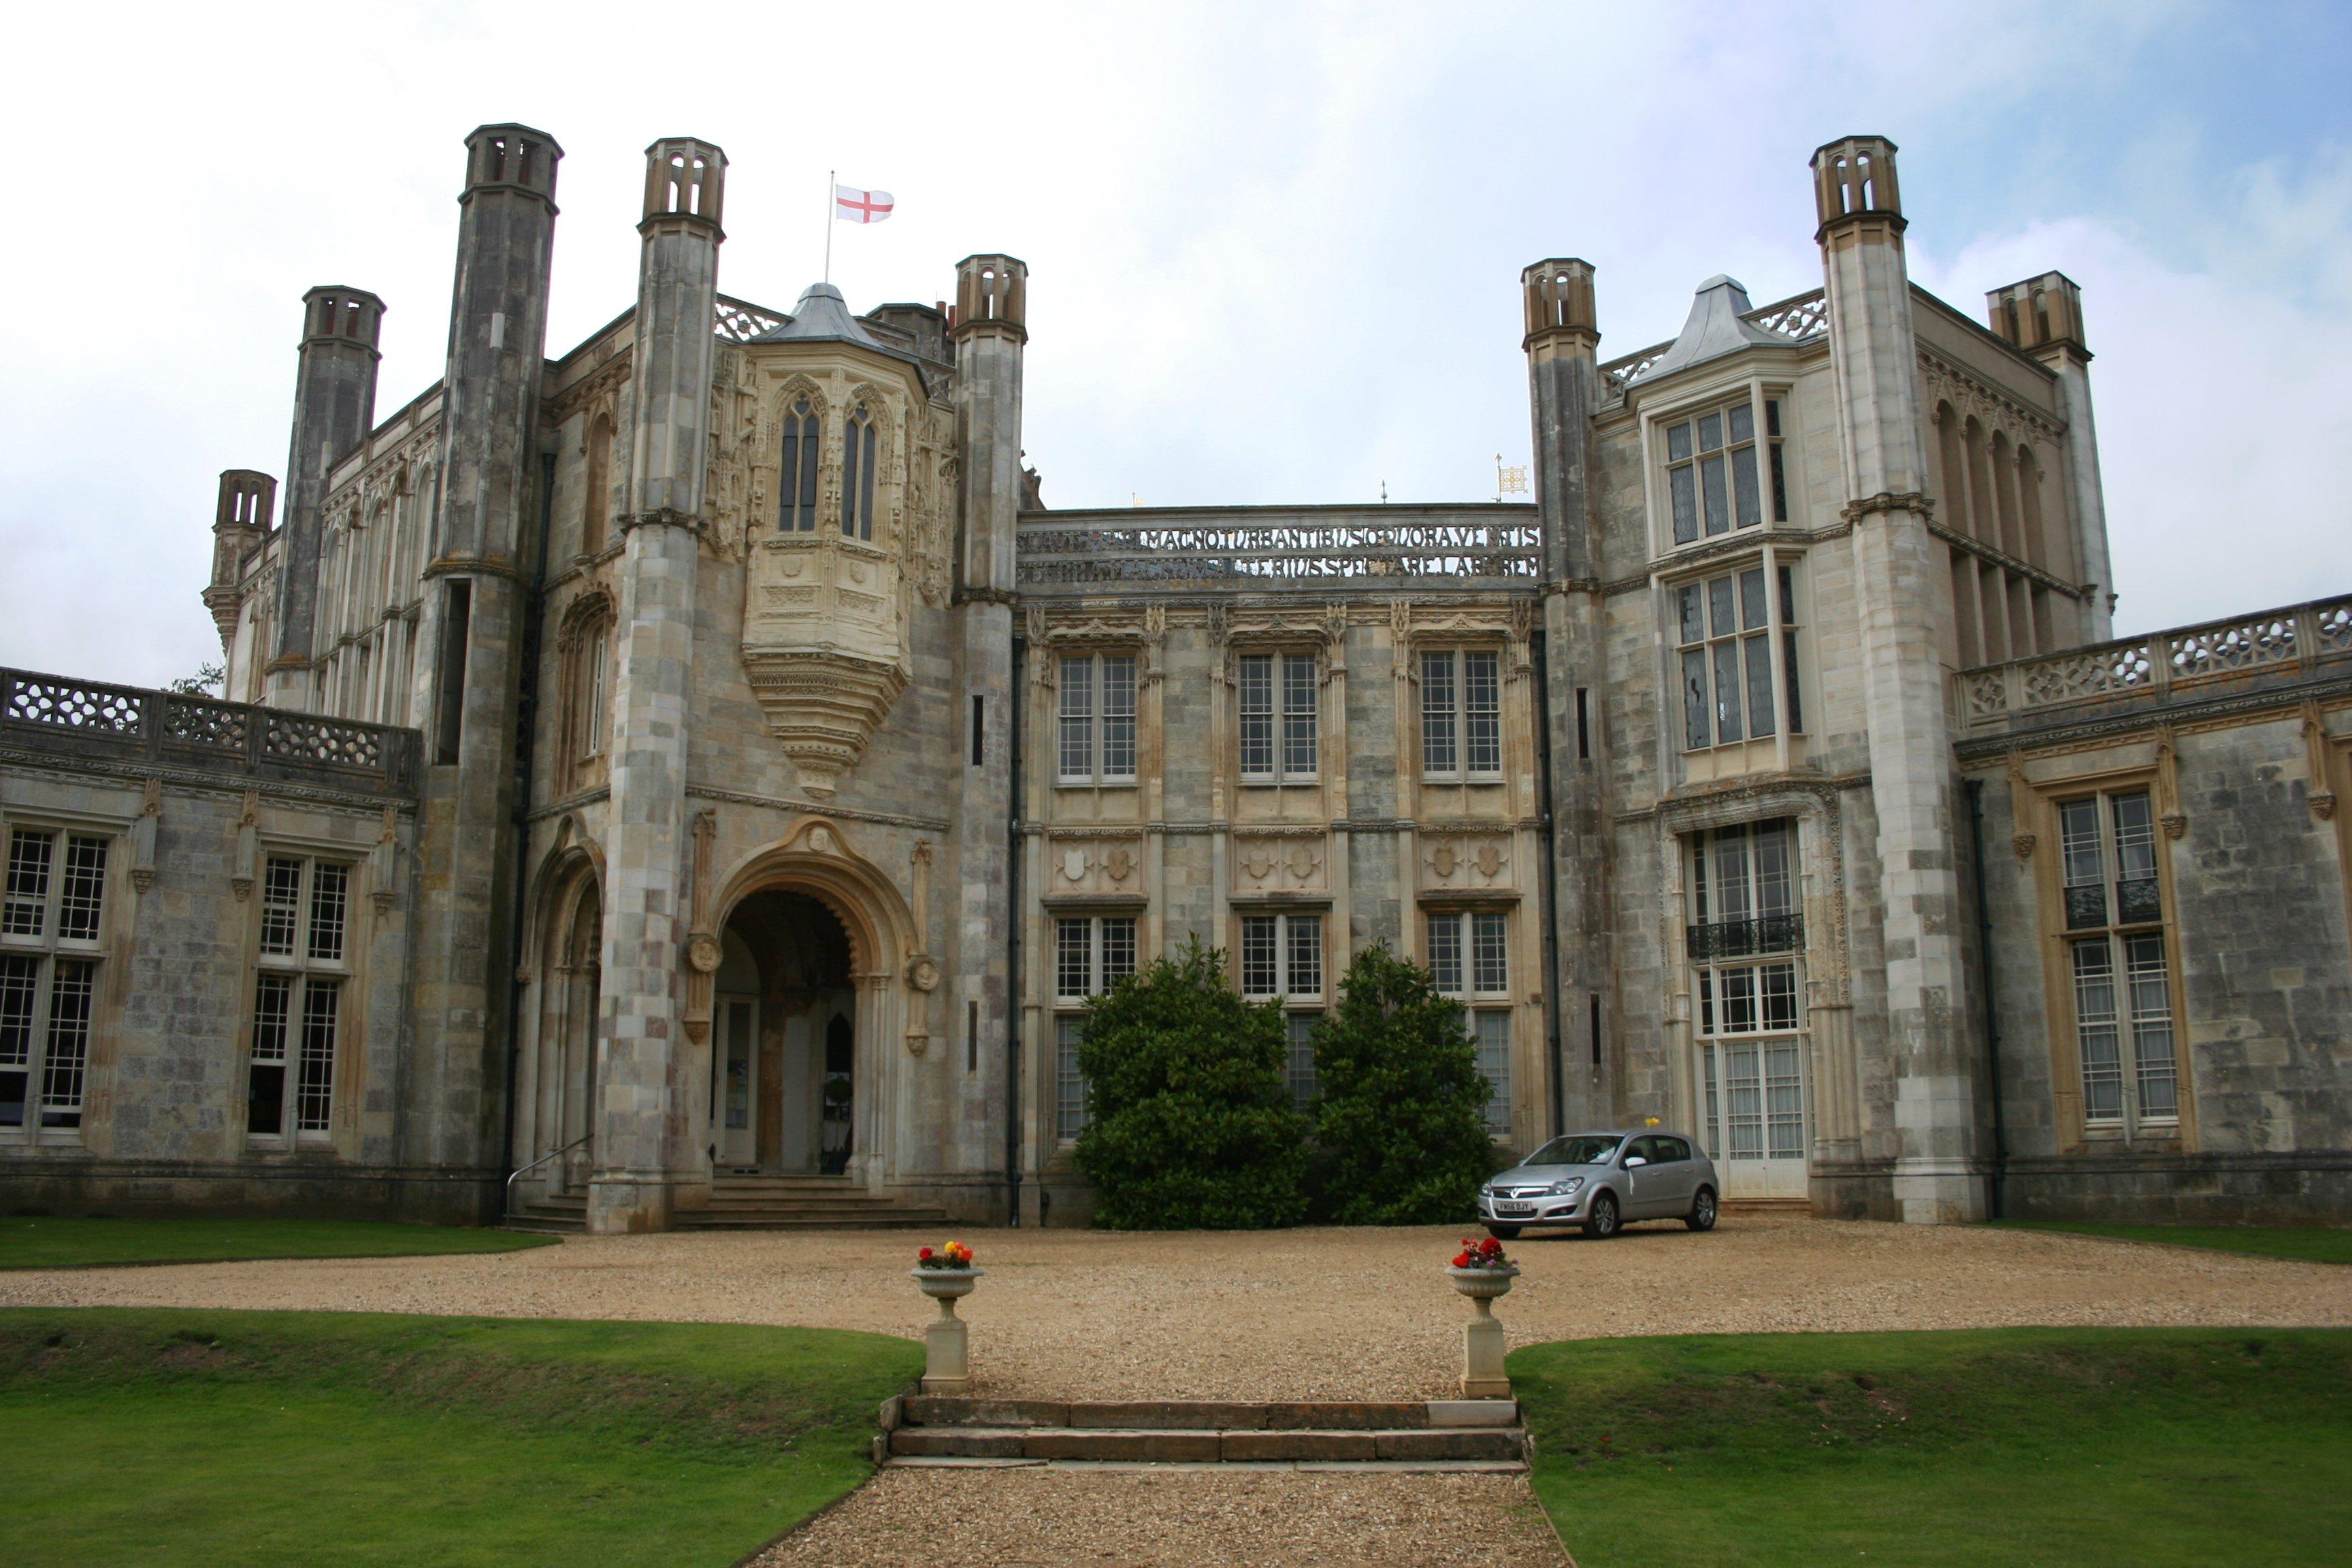 File:Highcliffe Castle 4.jpg - Wikimedia Commons